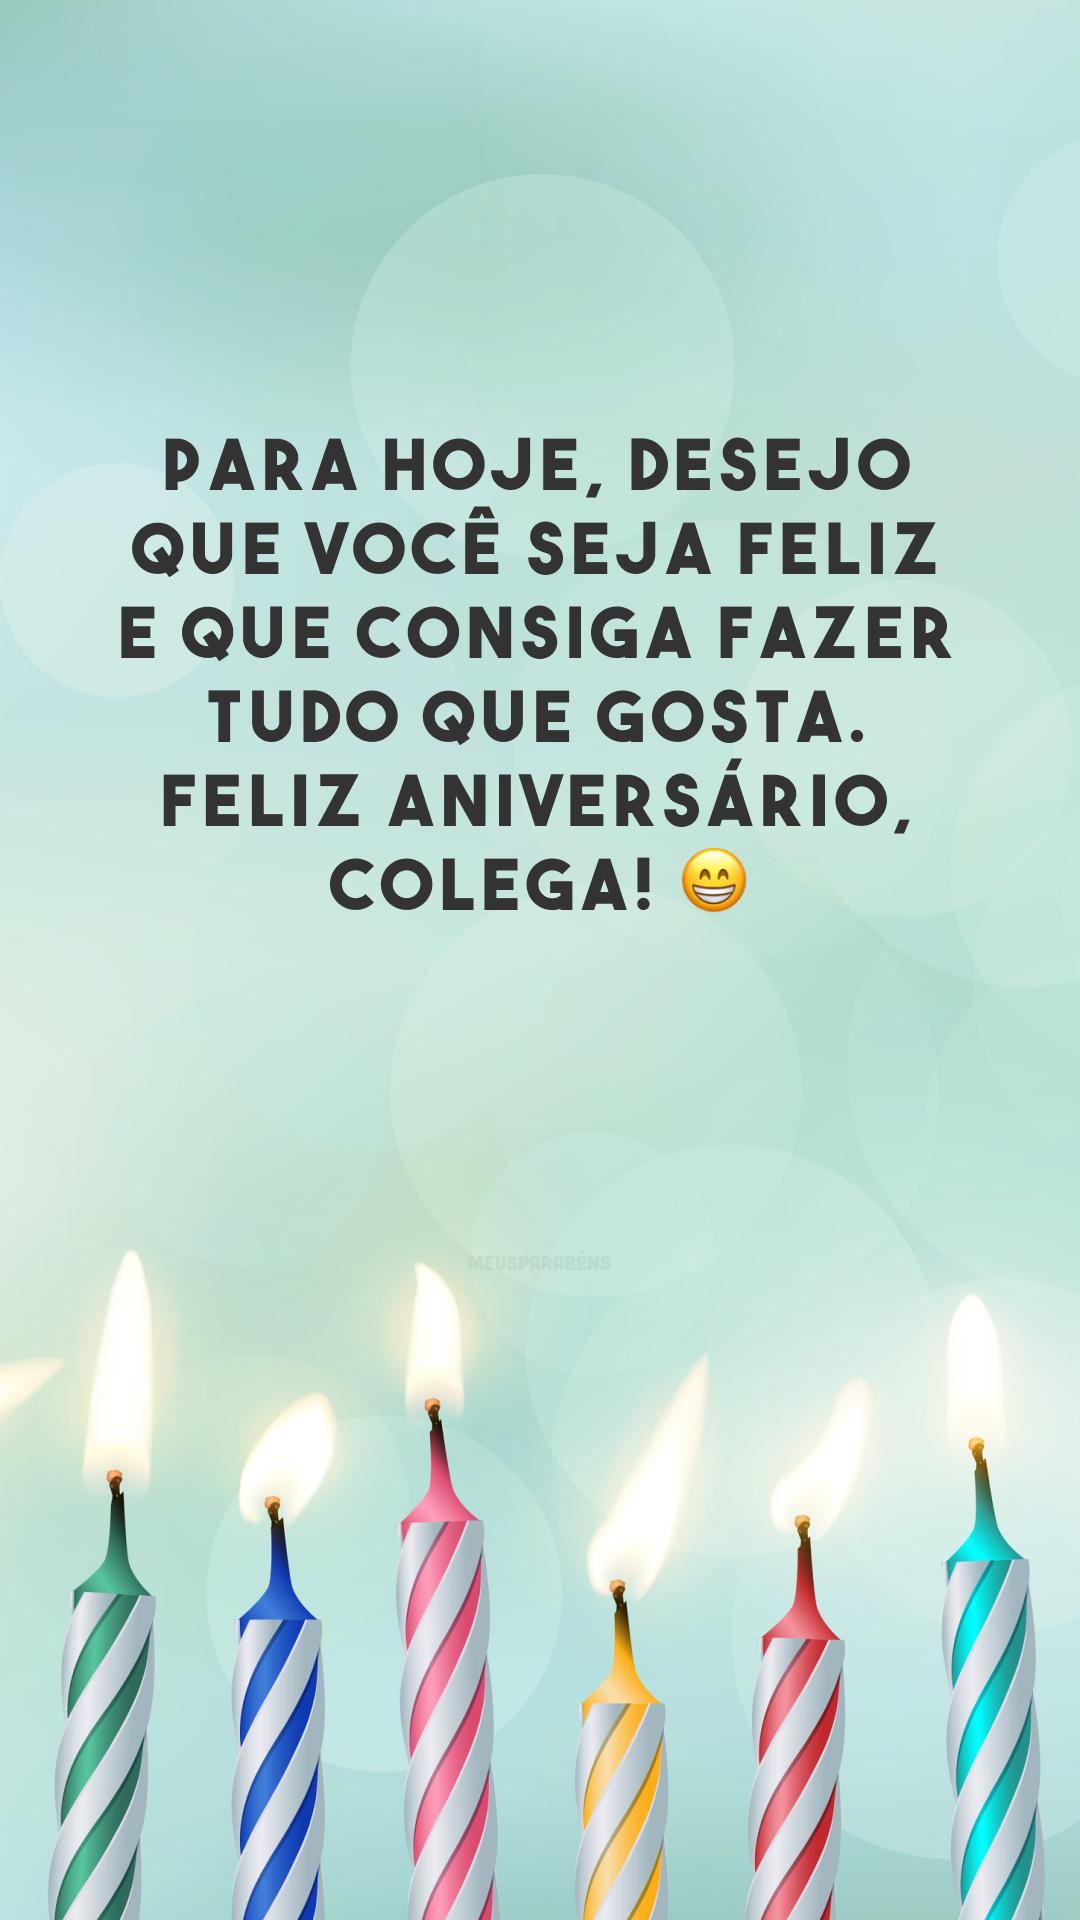 Para hoje, desejo que você seja feliz e que consiga fazer tudo que gosta. Feliz aniversário, colega! 😁